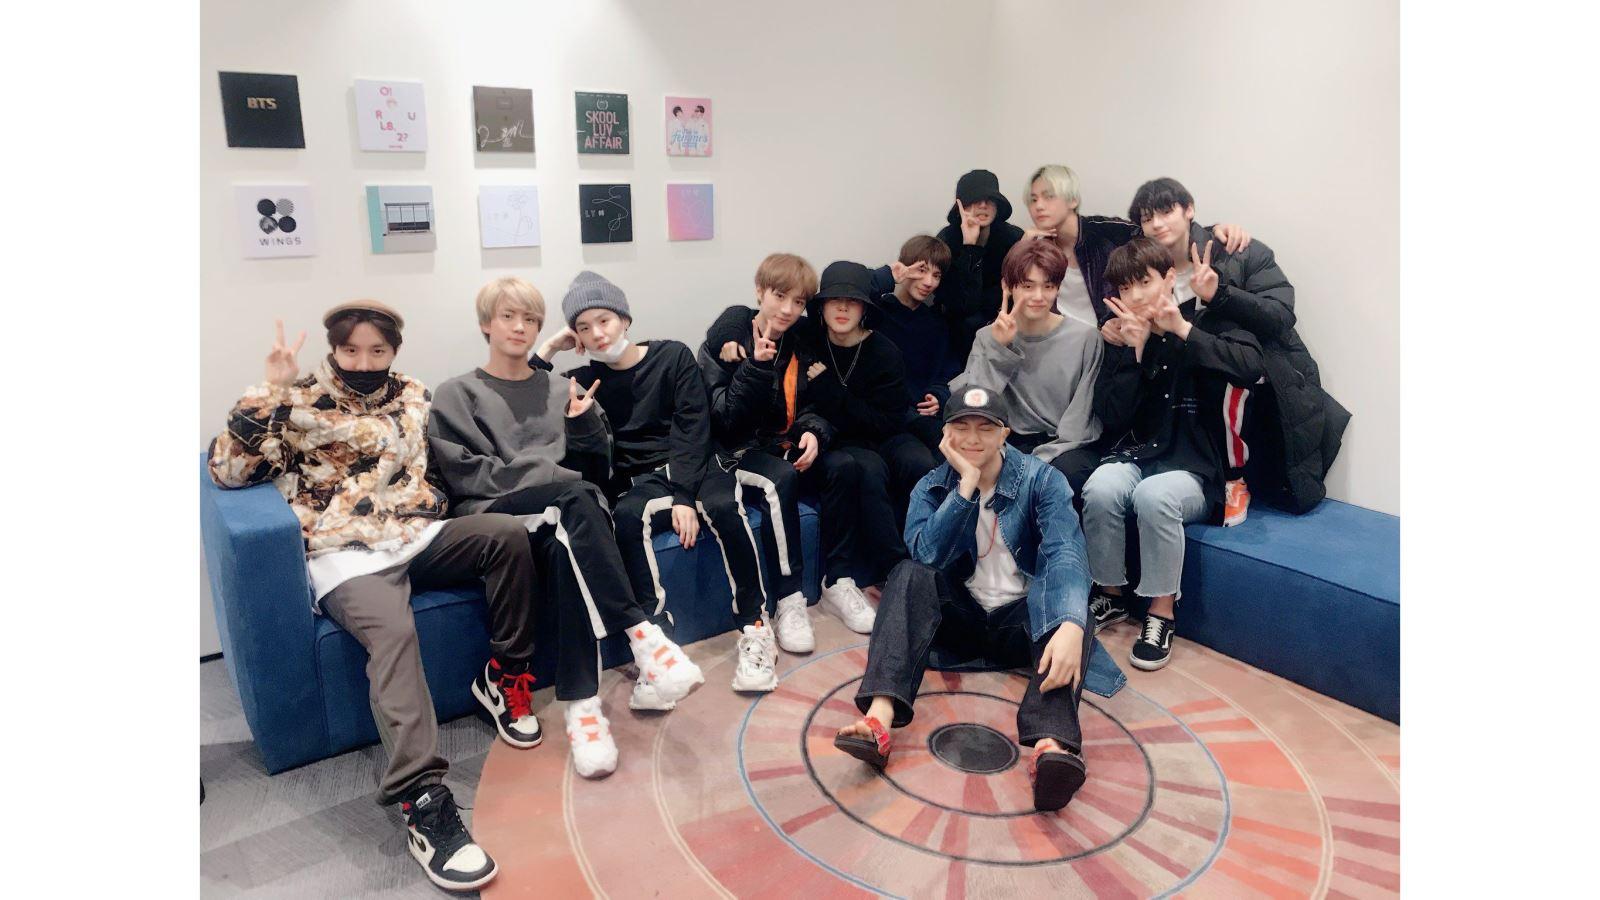 TXT kết hợp cùng Mnet sản xuất show thực tế đầu tay với khách mời là ... BTS!